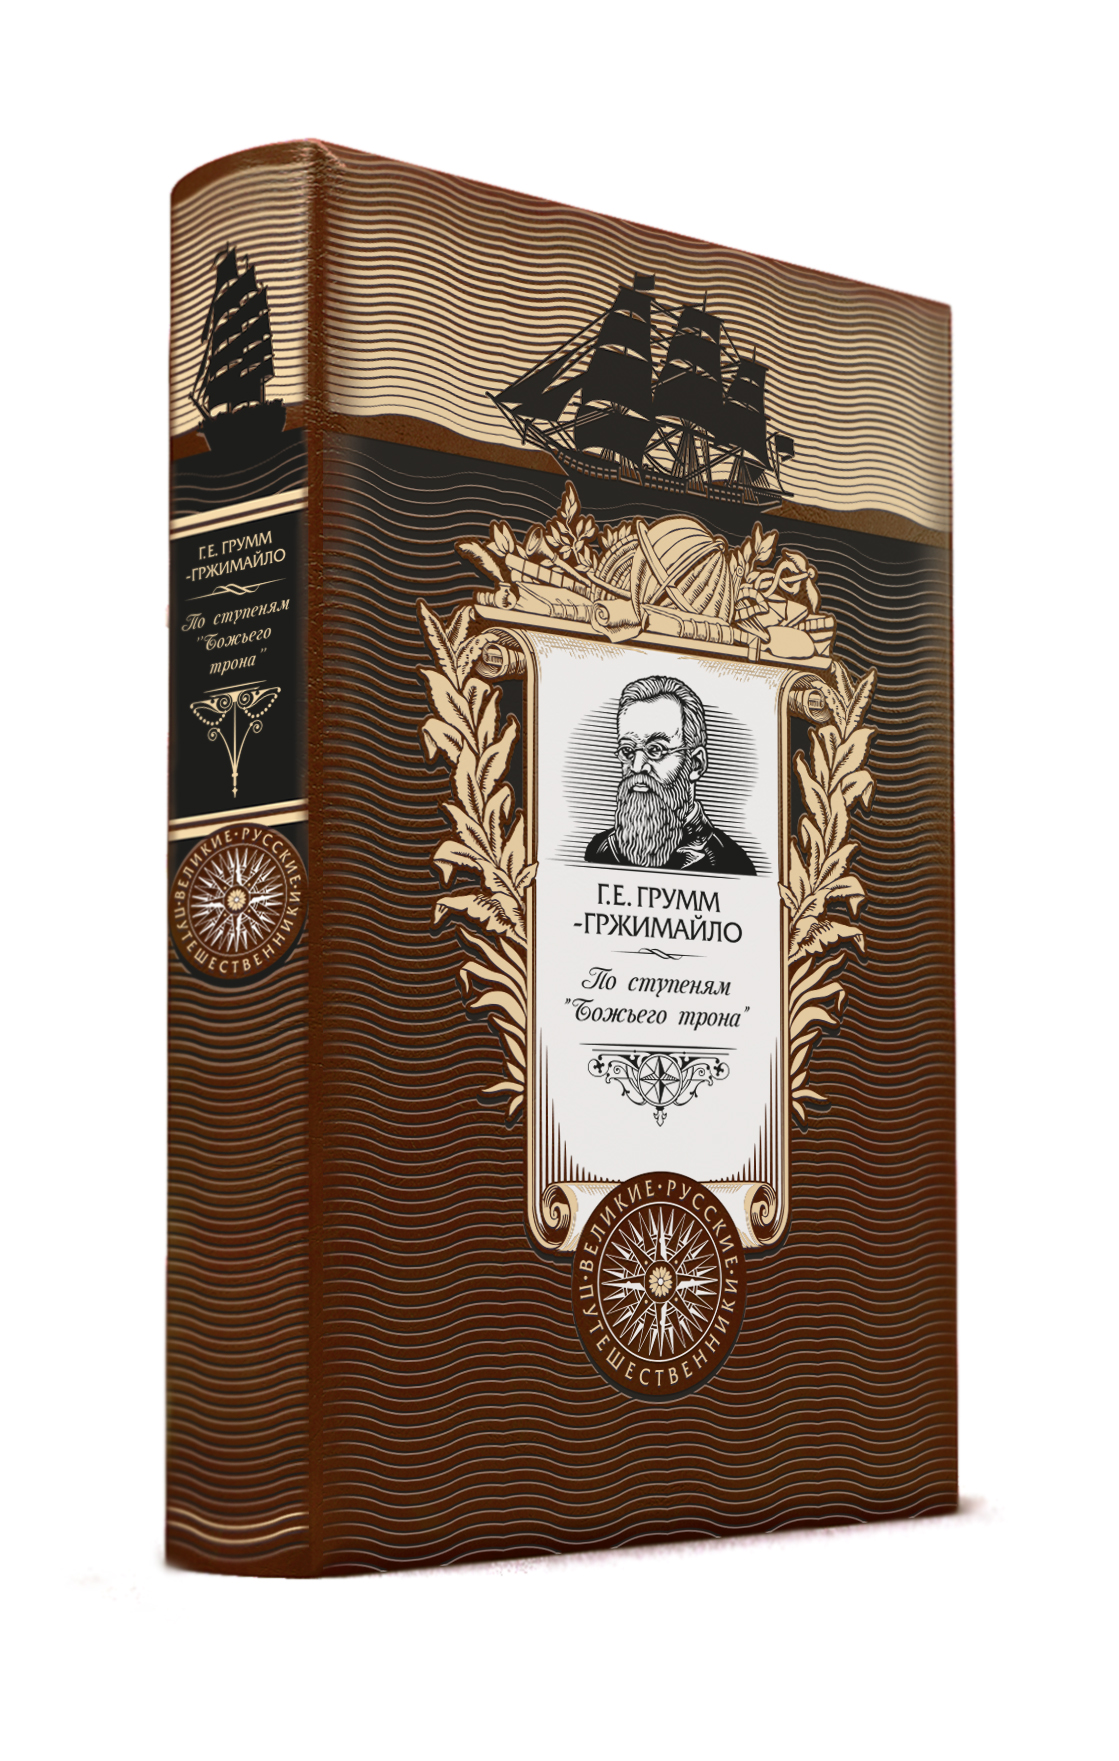 По ступеням «Божьего трона». Книга в коллекционном кожаном переплете ручной работы с золоченым обрезом и с портретом автора